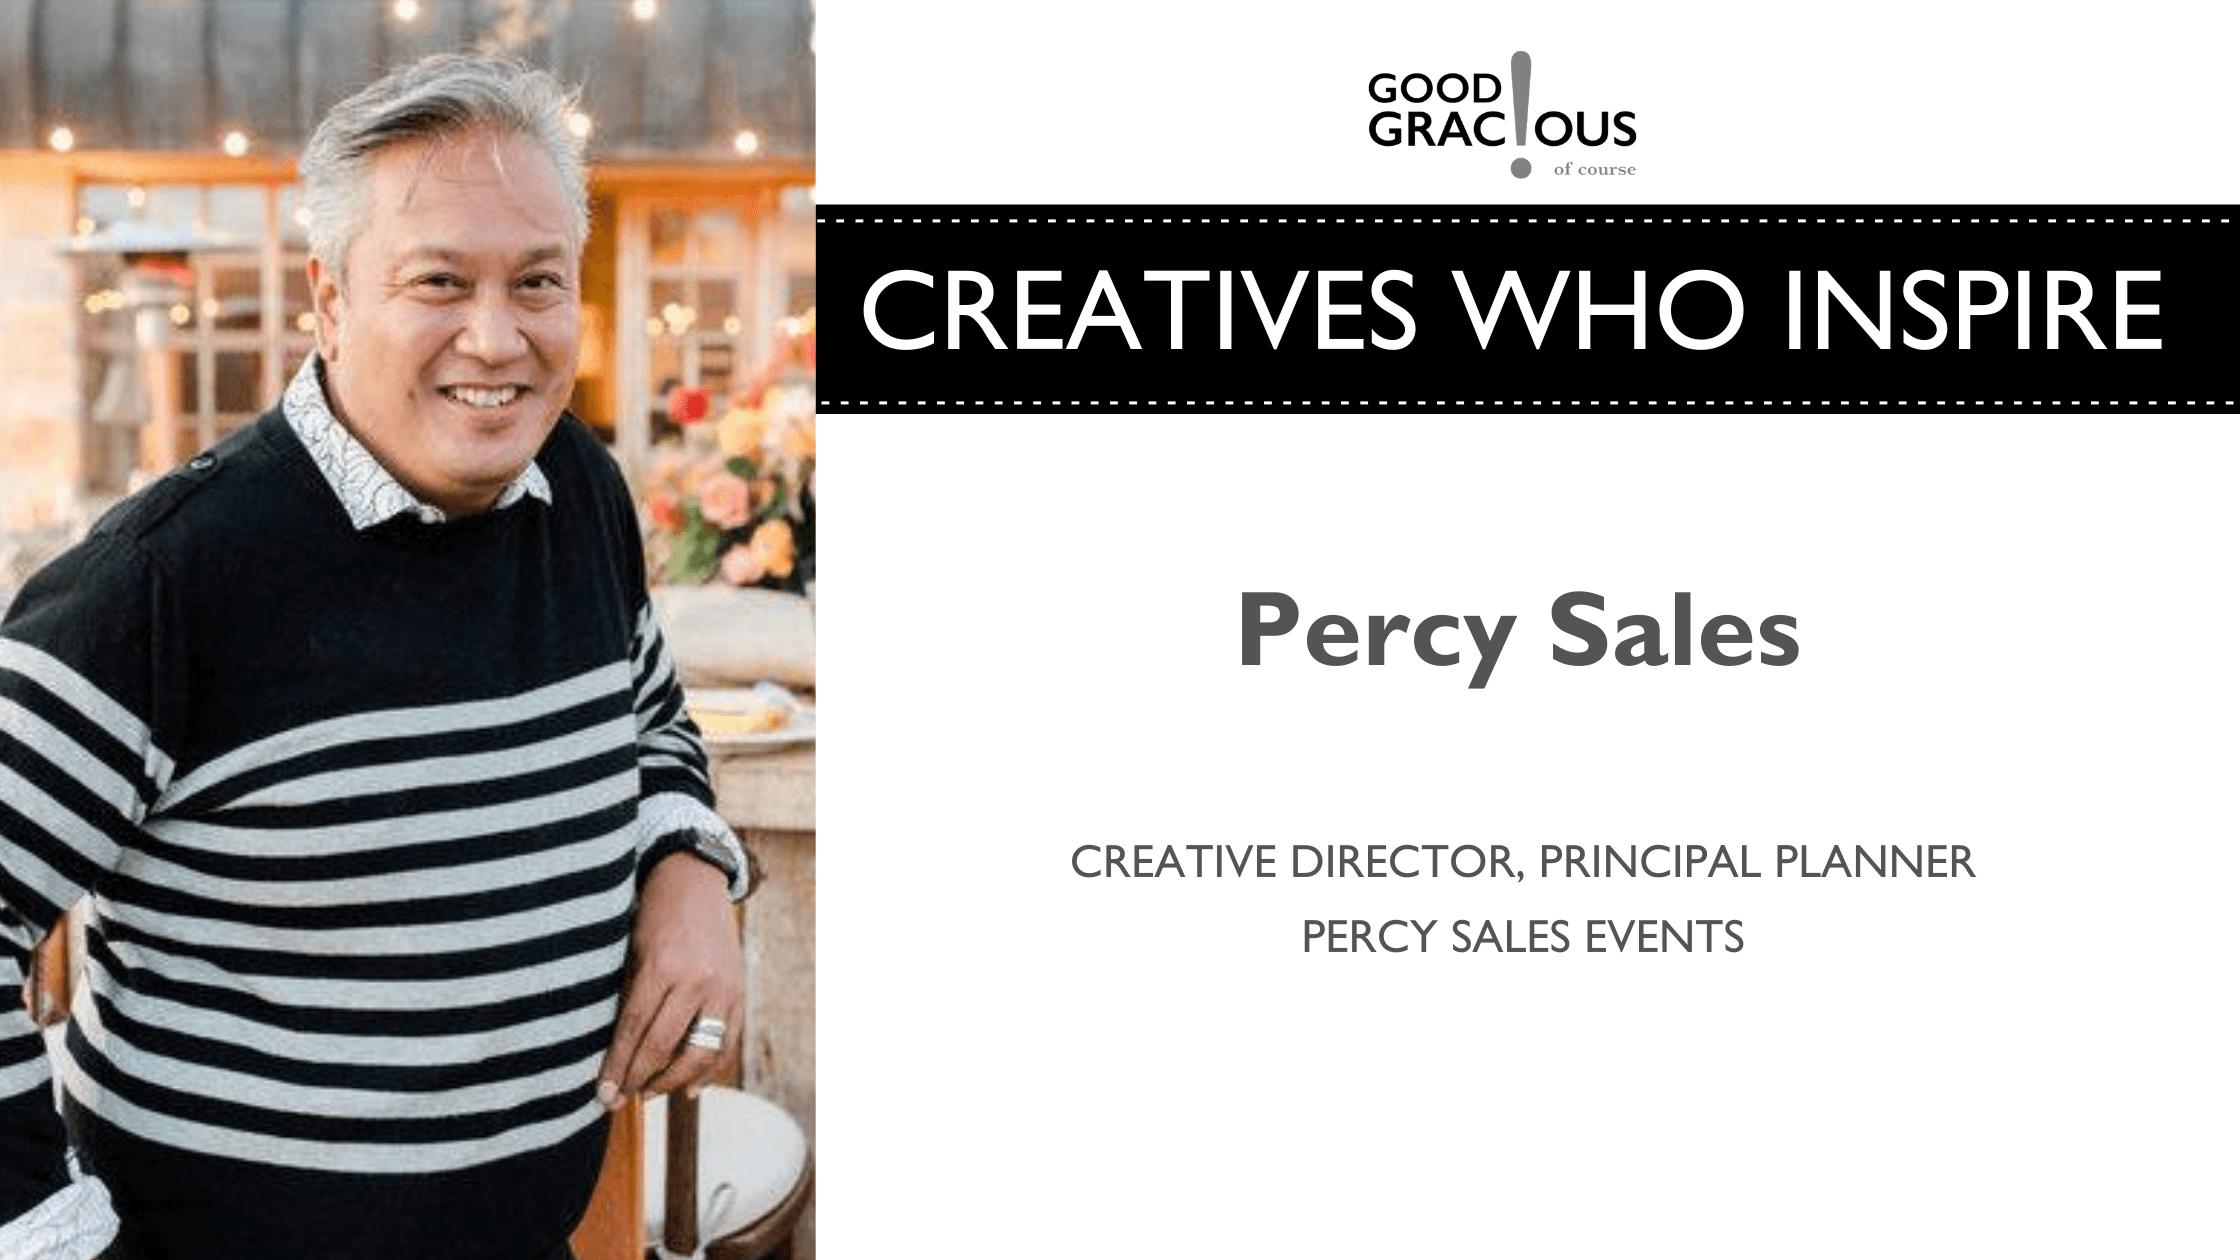 percy sales